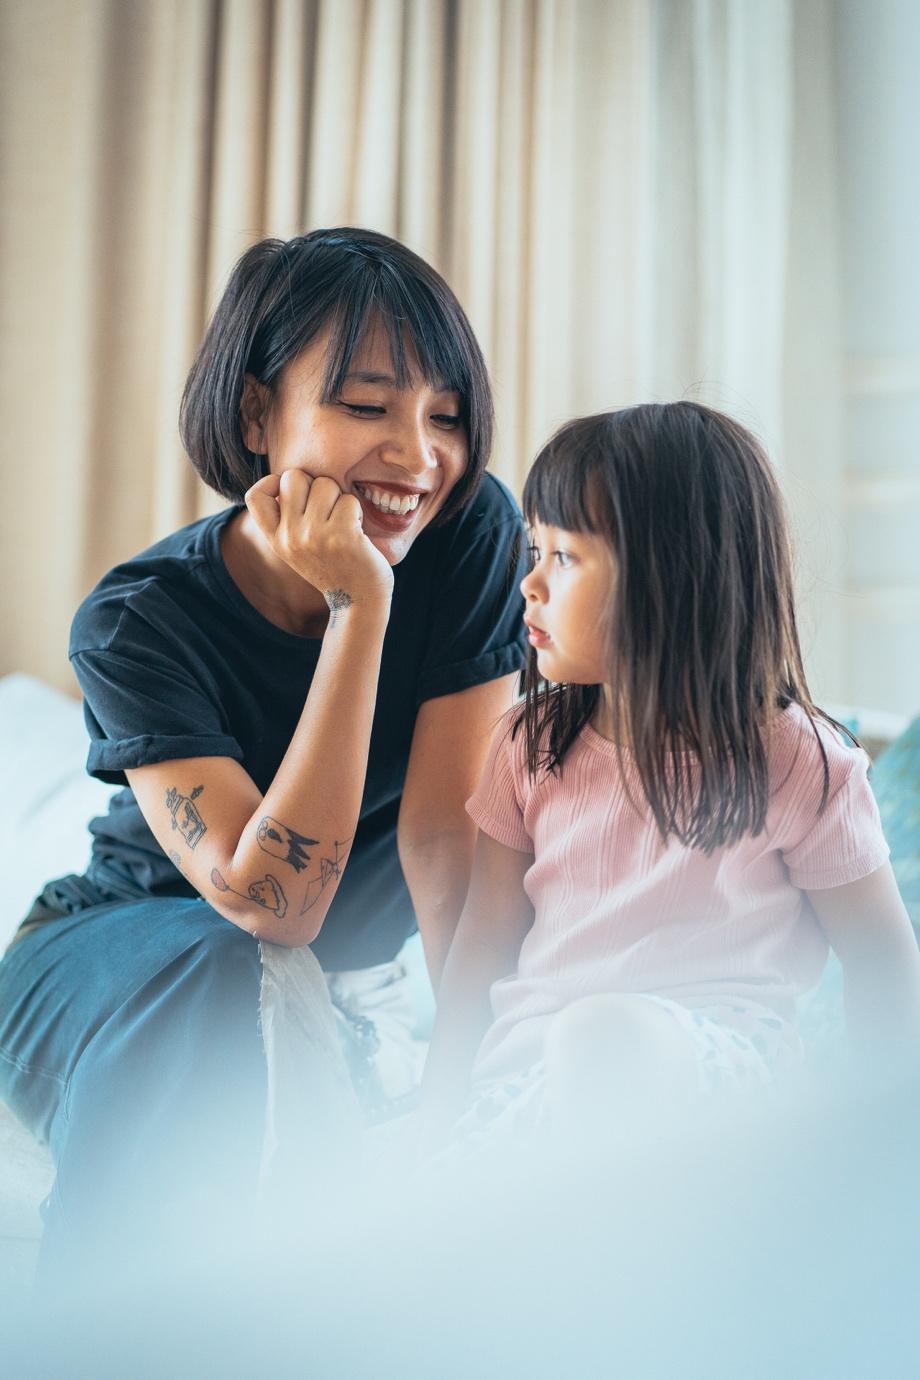 """""""Châm ngôn"""" mới của mẹ trẻ hiện đại: Mẹ mềm dịu, con tự tin hạnh phúc - Ảnh 1."""